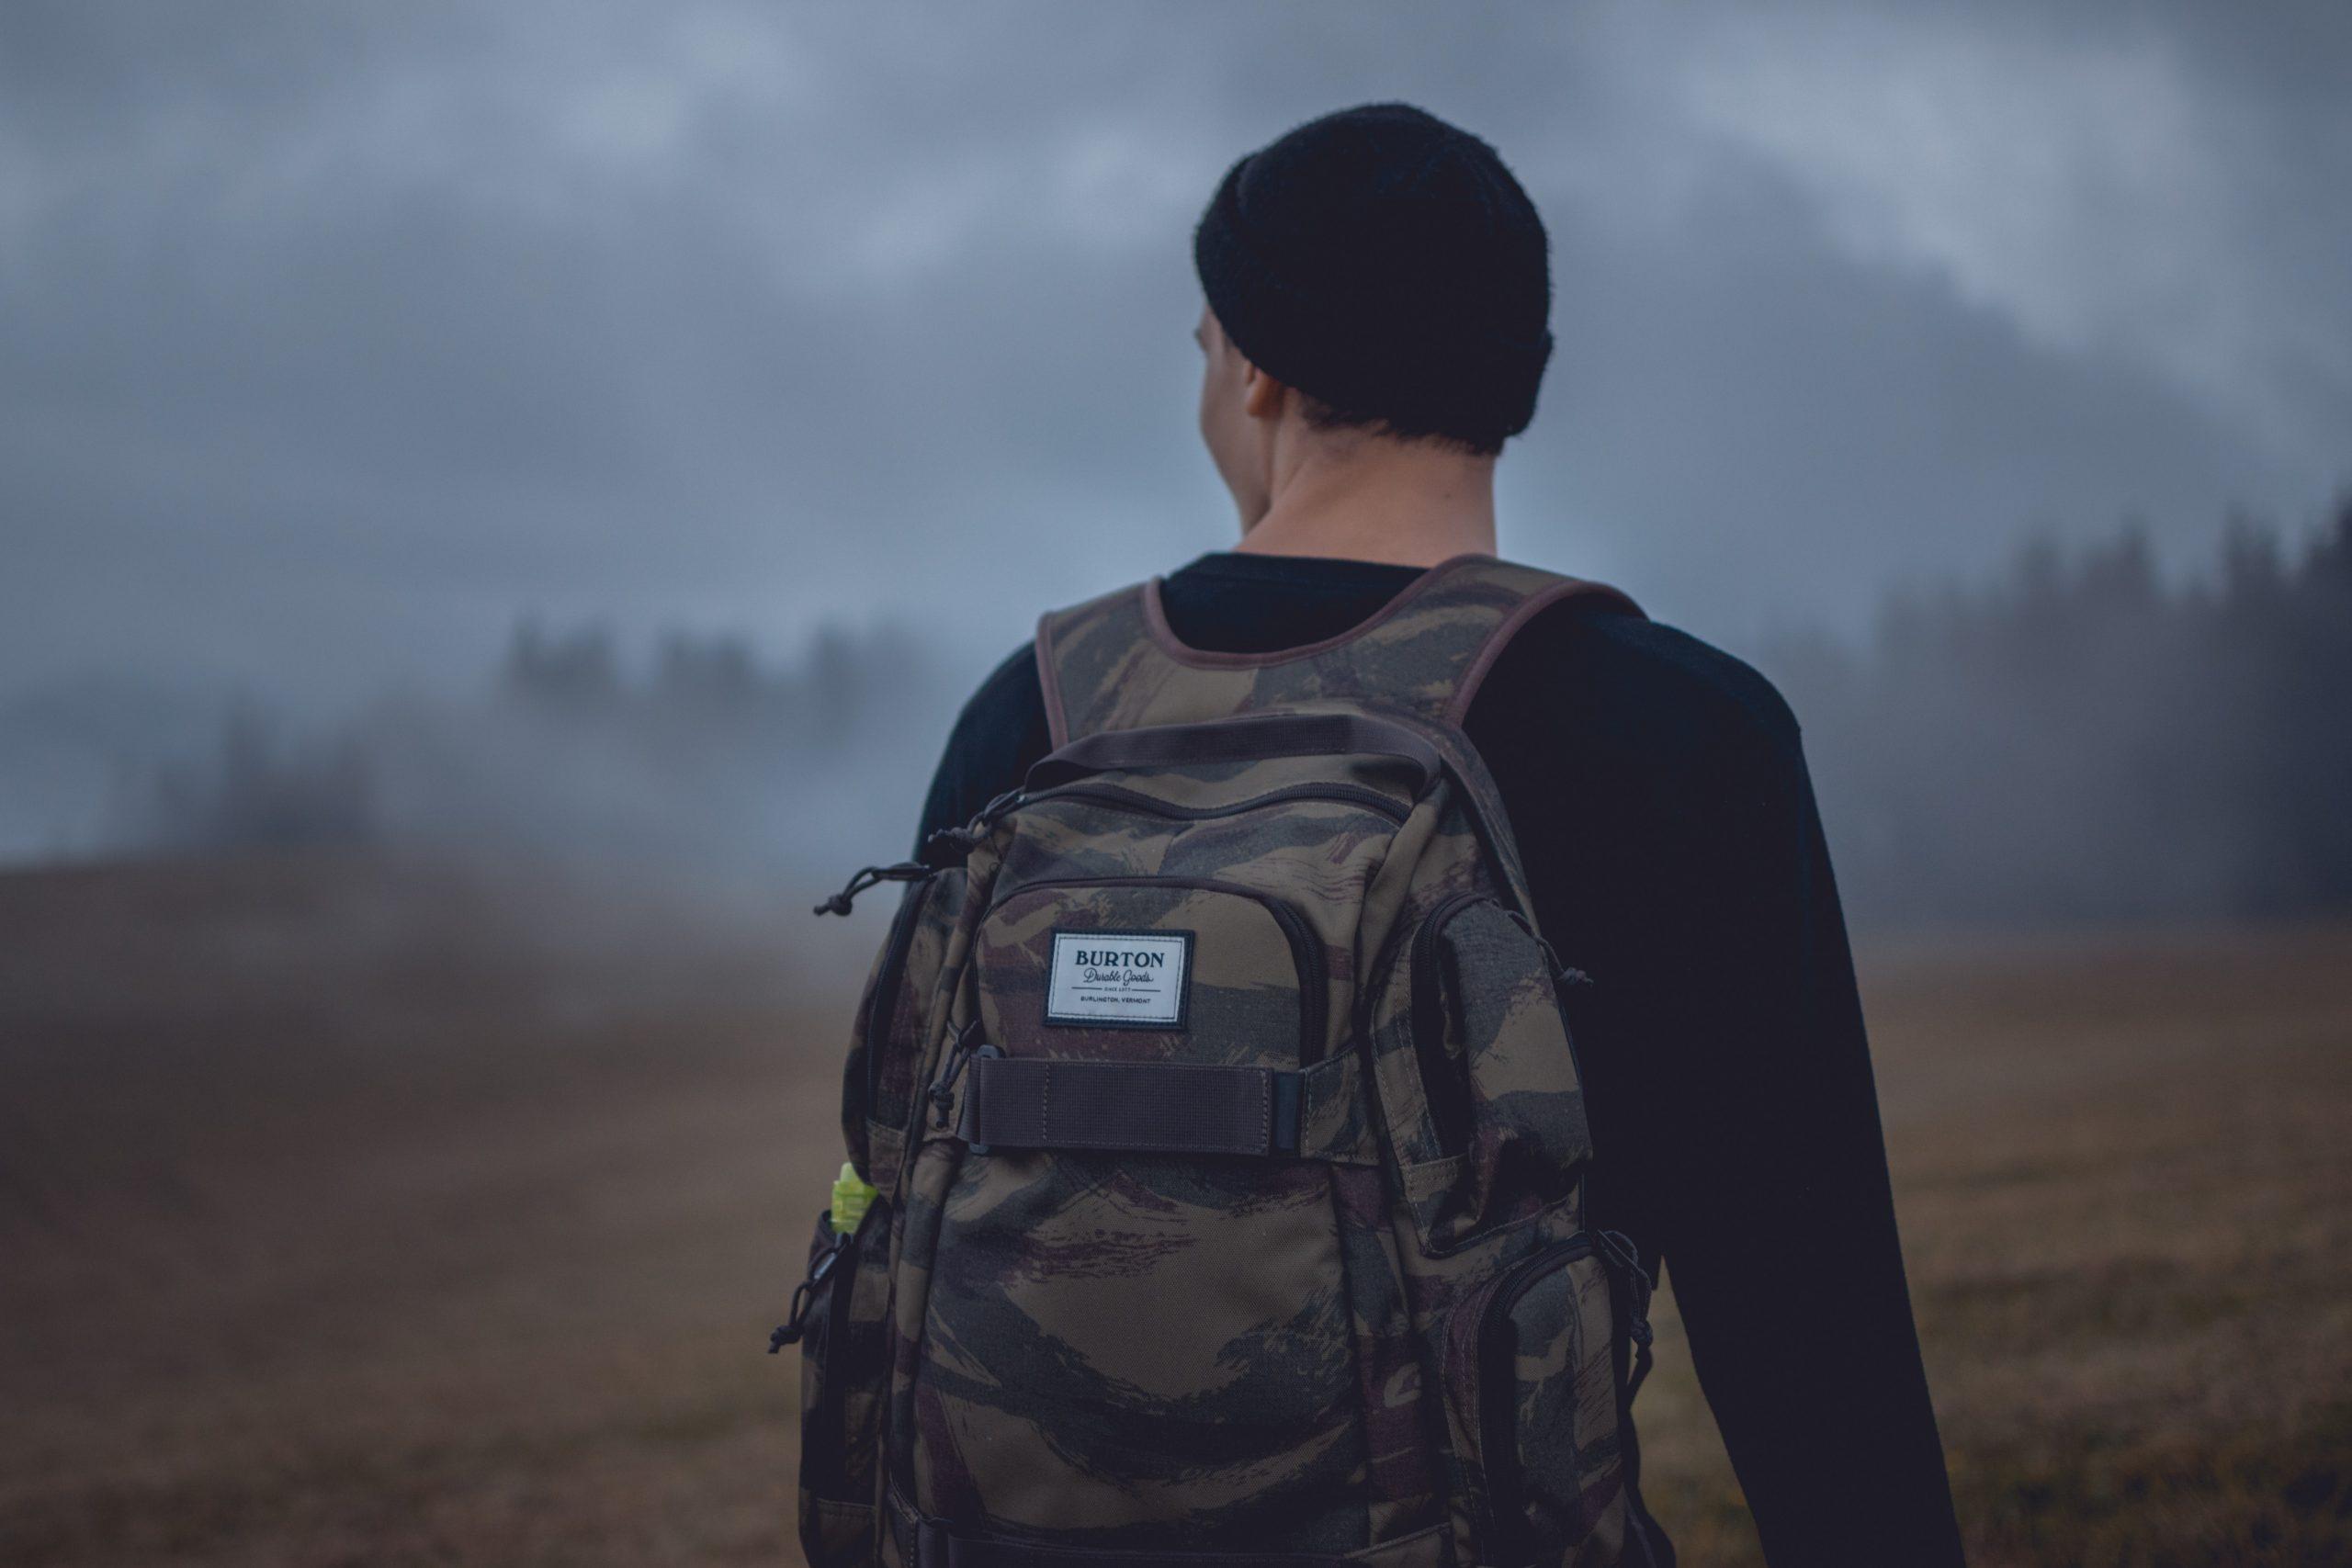 Foto mostra um homem de costas com uma mochila militar em uma paisagem de campo